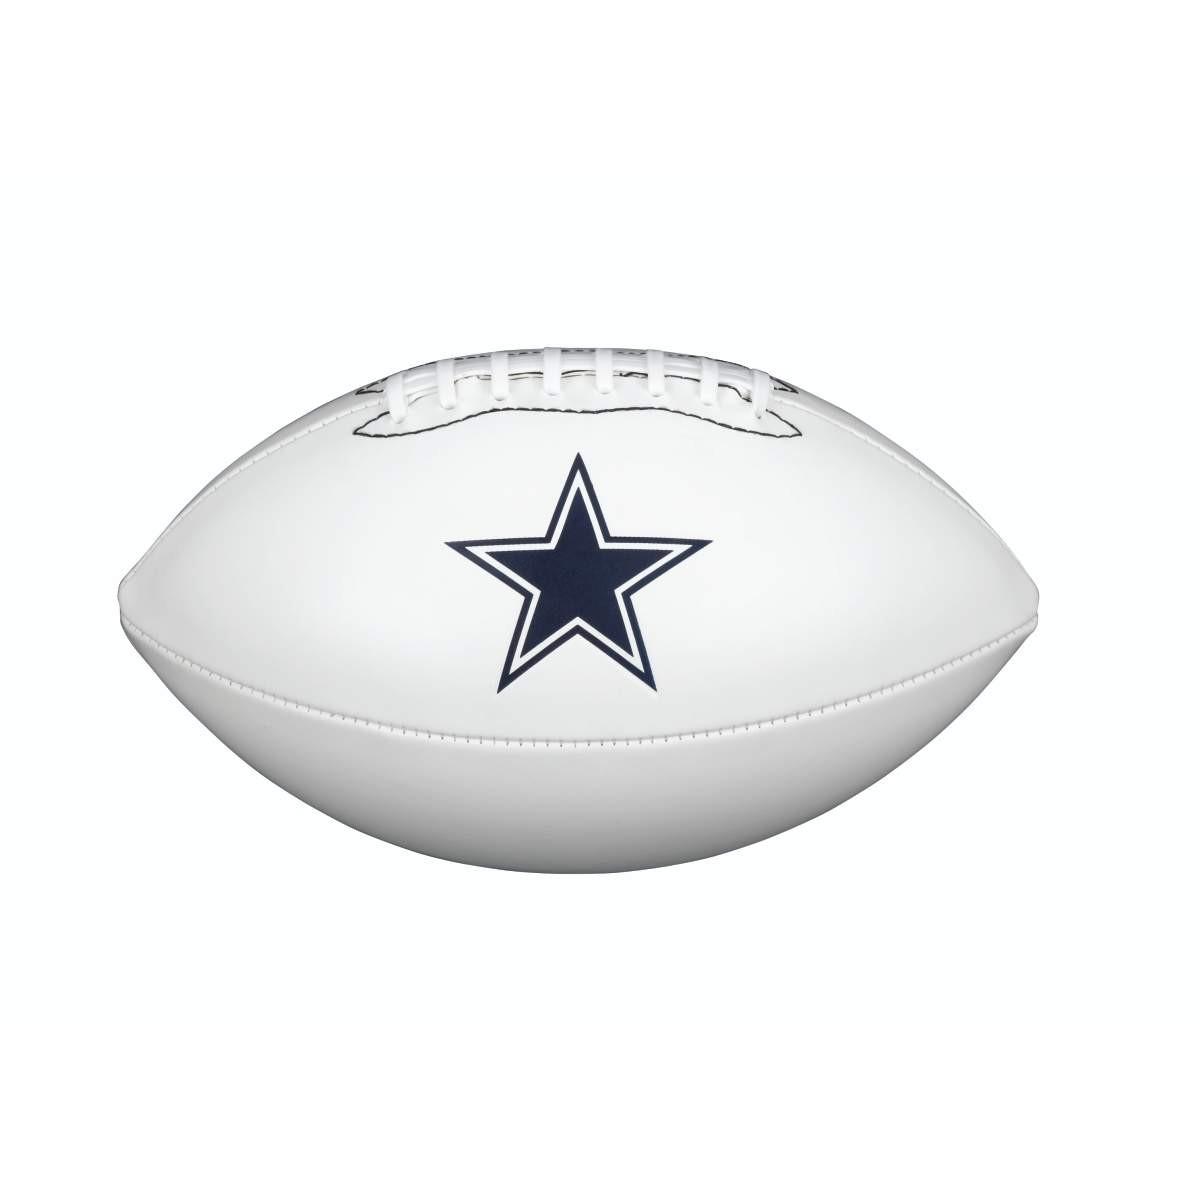 e15fc039 Details about 2019 Wilson NFL Team Autograph Football - Dallas Cowboys